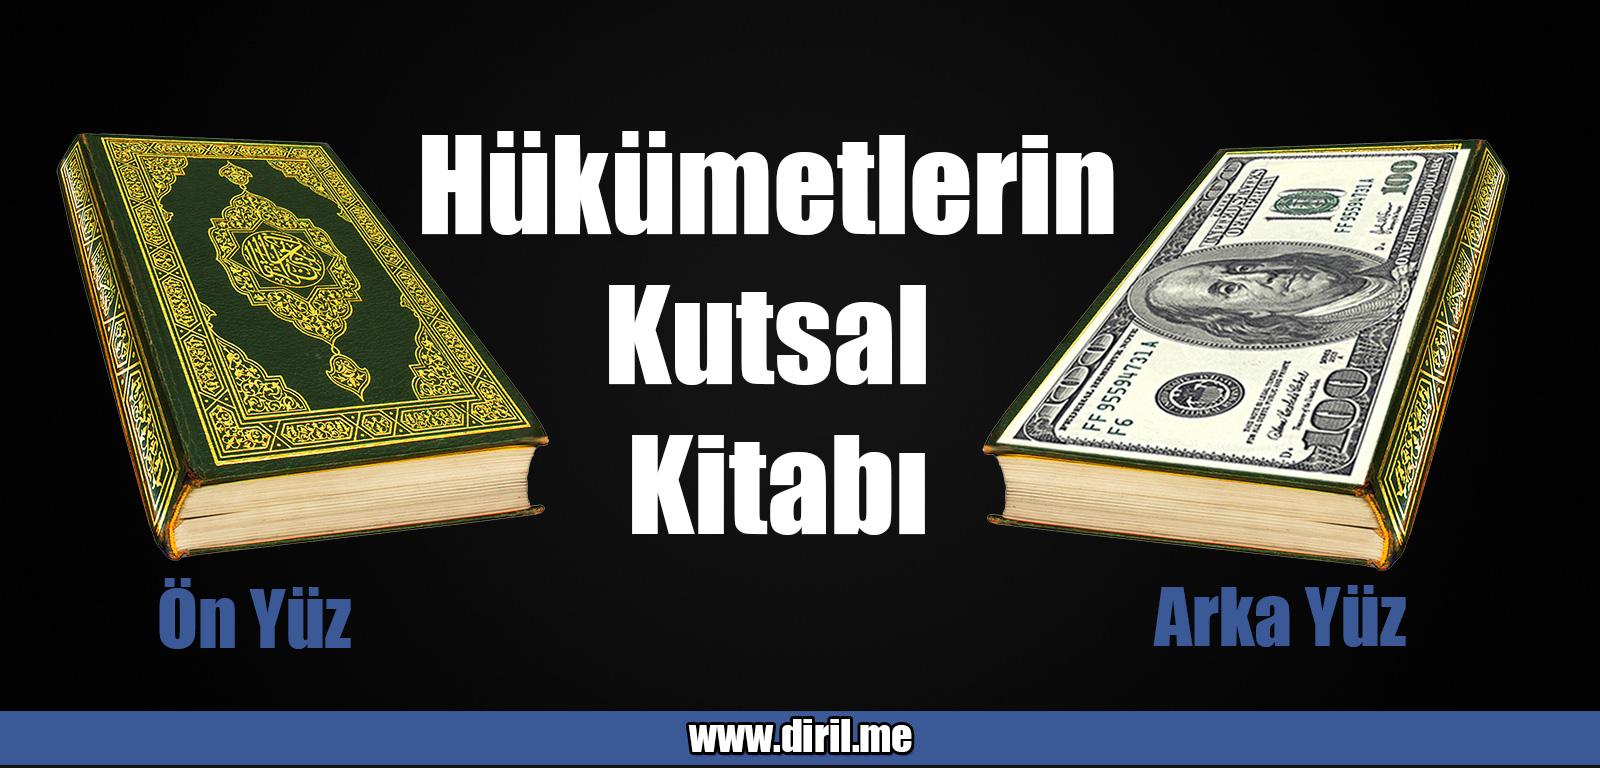 2013-12-28_Kuran_HükümetlerinKutsalKitabı